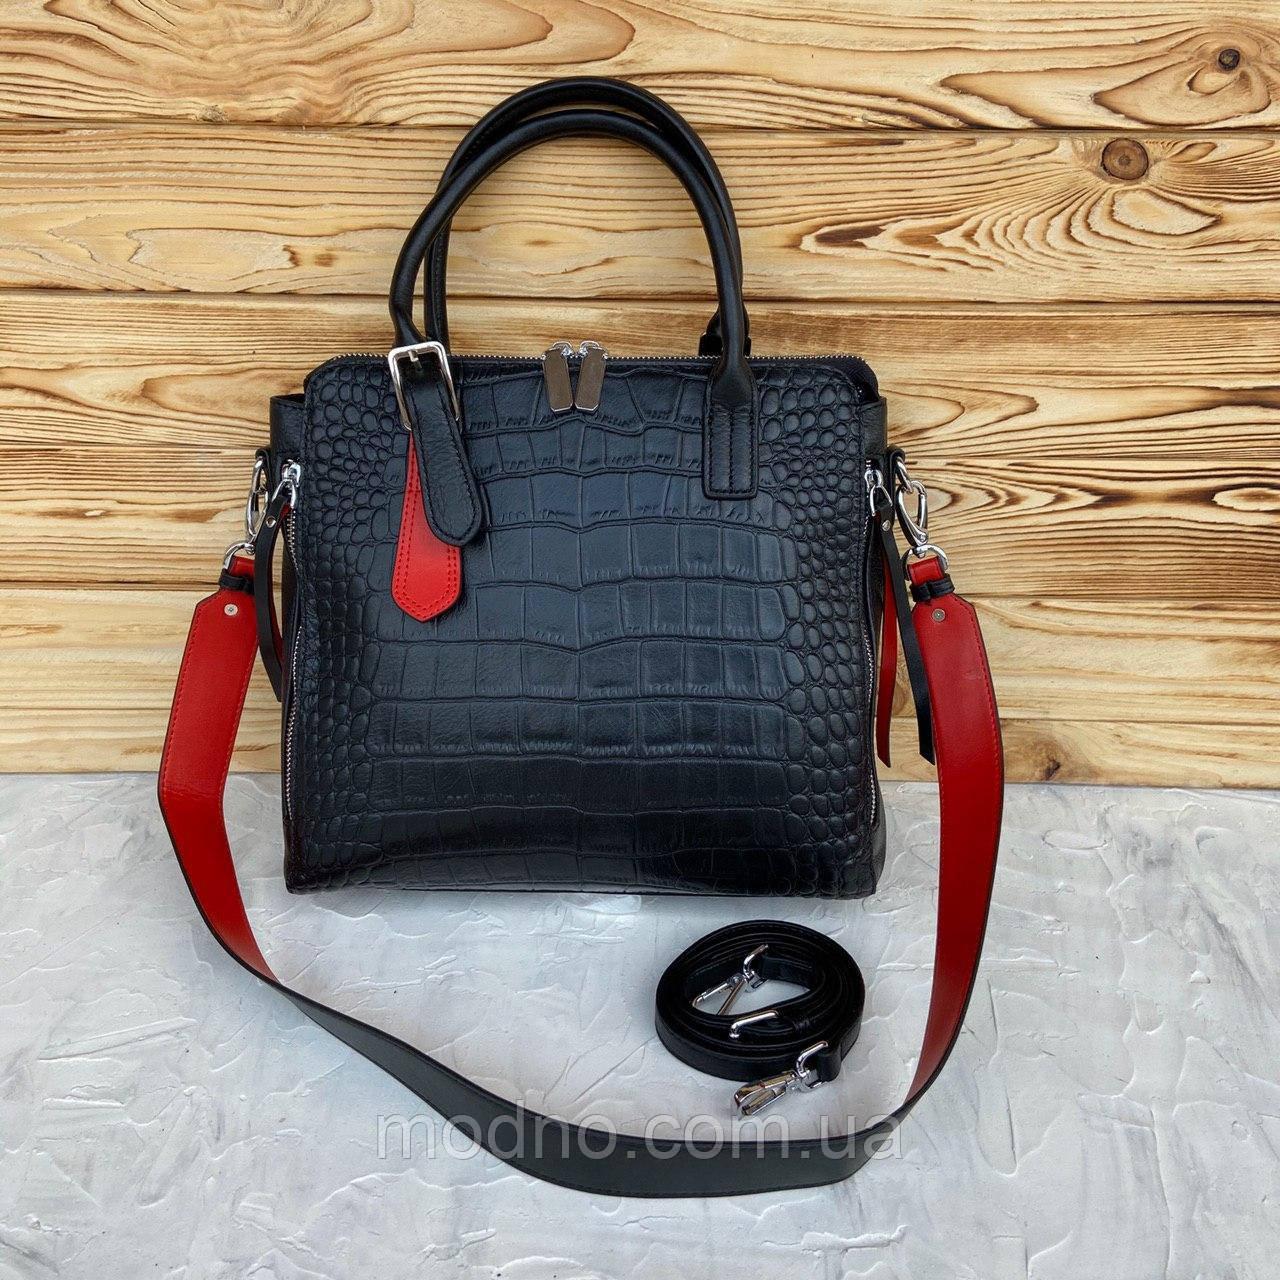 Жіноча шкіряна сумка зі структурою крокодила чорного кольору